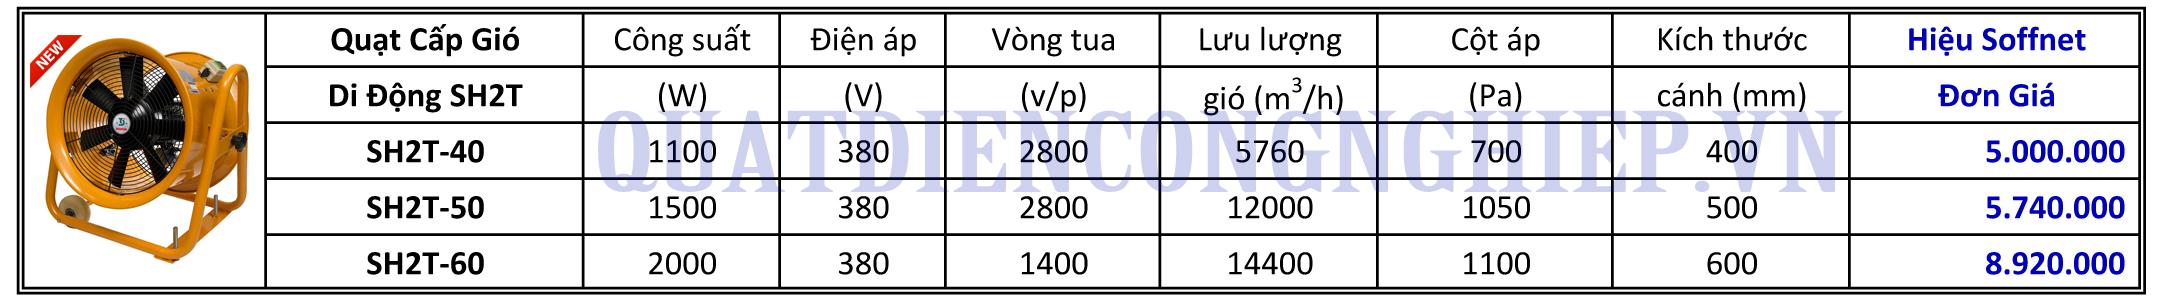 Bảng giá quạt hút công nghiệp di động Soffnet